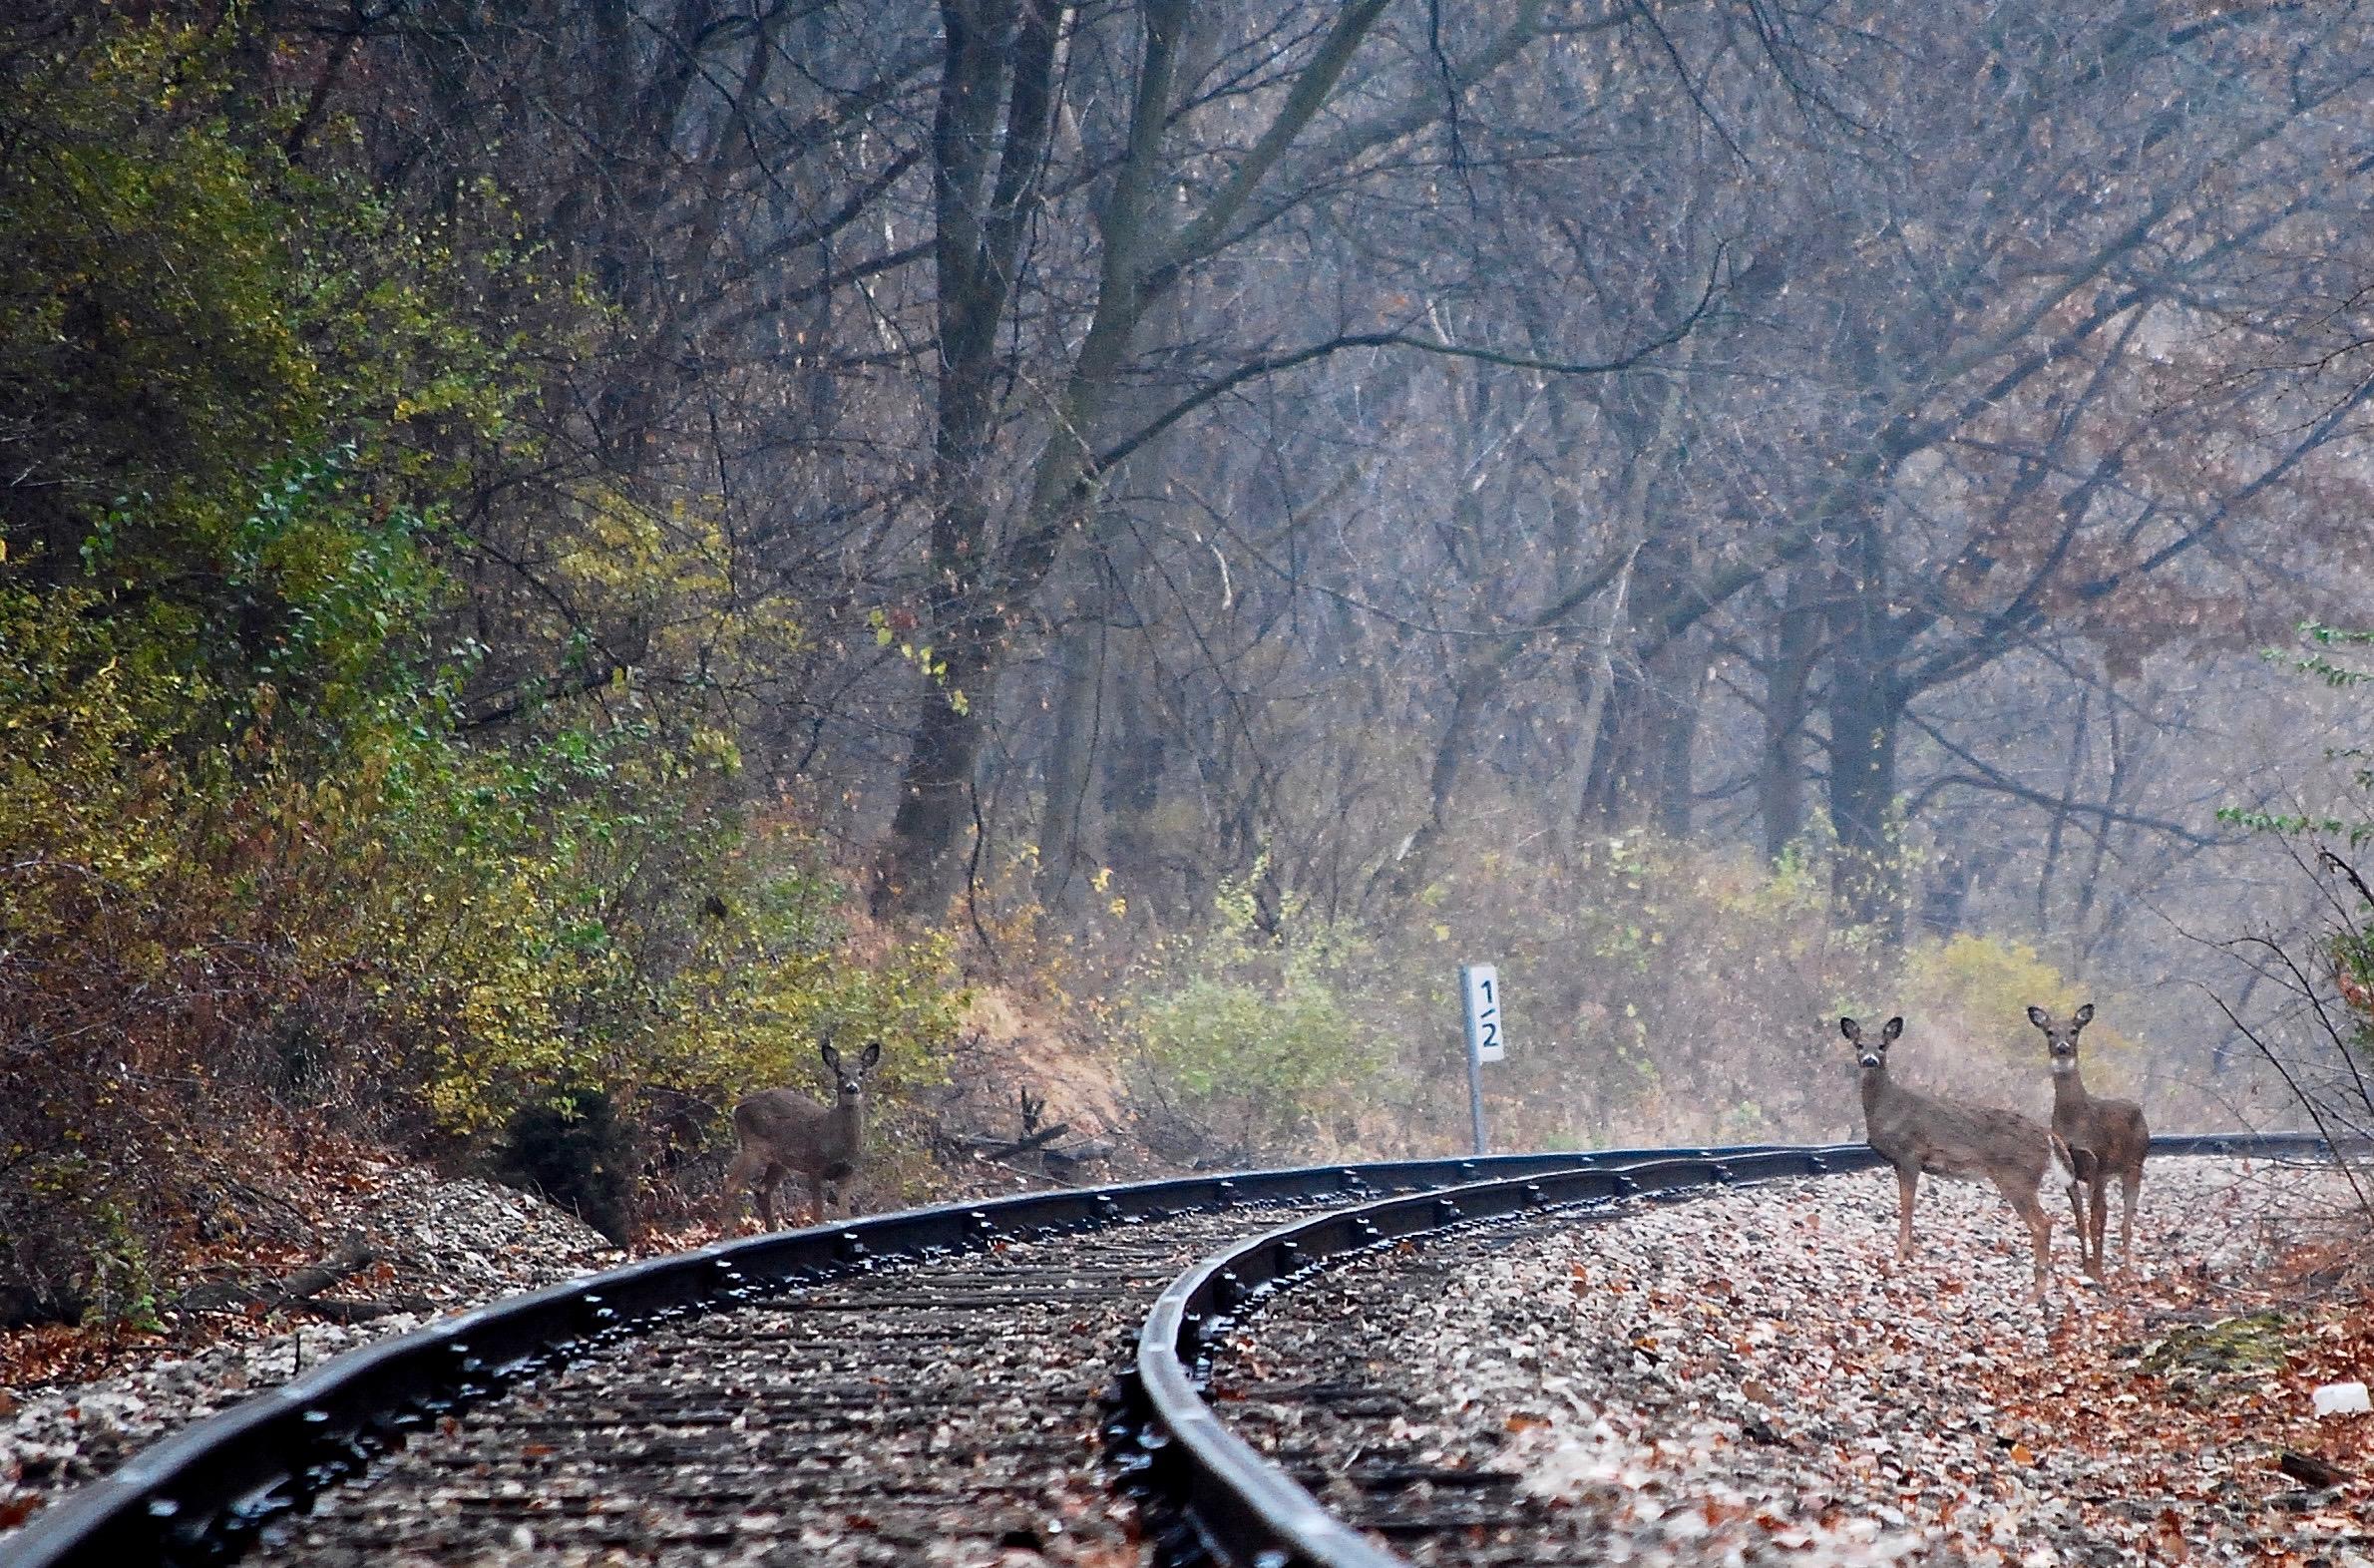 Deer on Tracks Nathan Fischer 2007 Photograph 8.5x11 $50